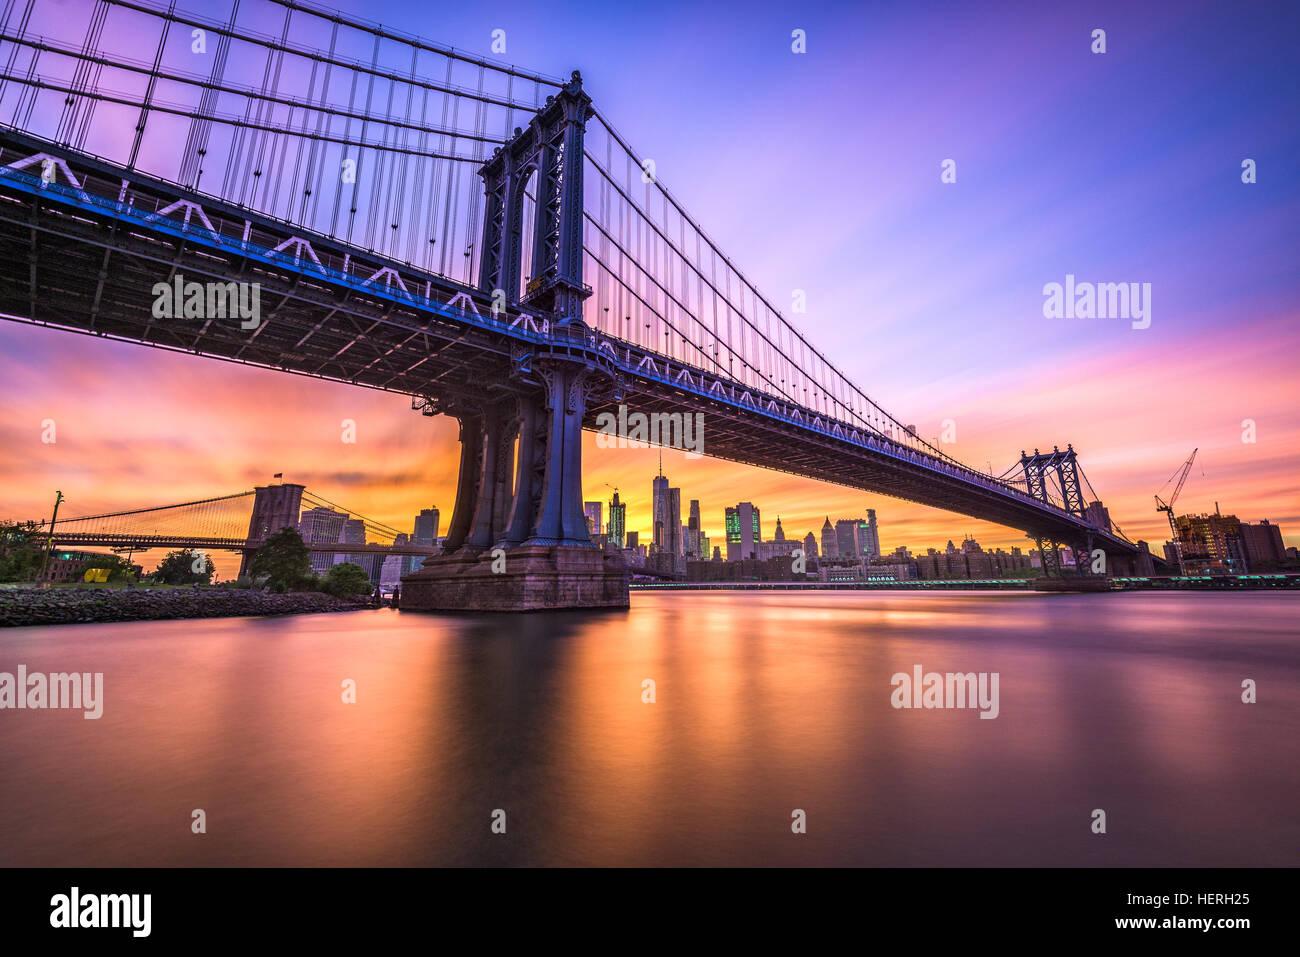 La ville de New York, USA à la Manhattan Pont enjambant l'East River à partir de Brooklyn à Manhattan. Banque D'Images